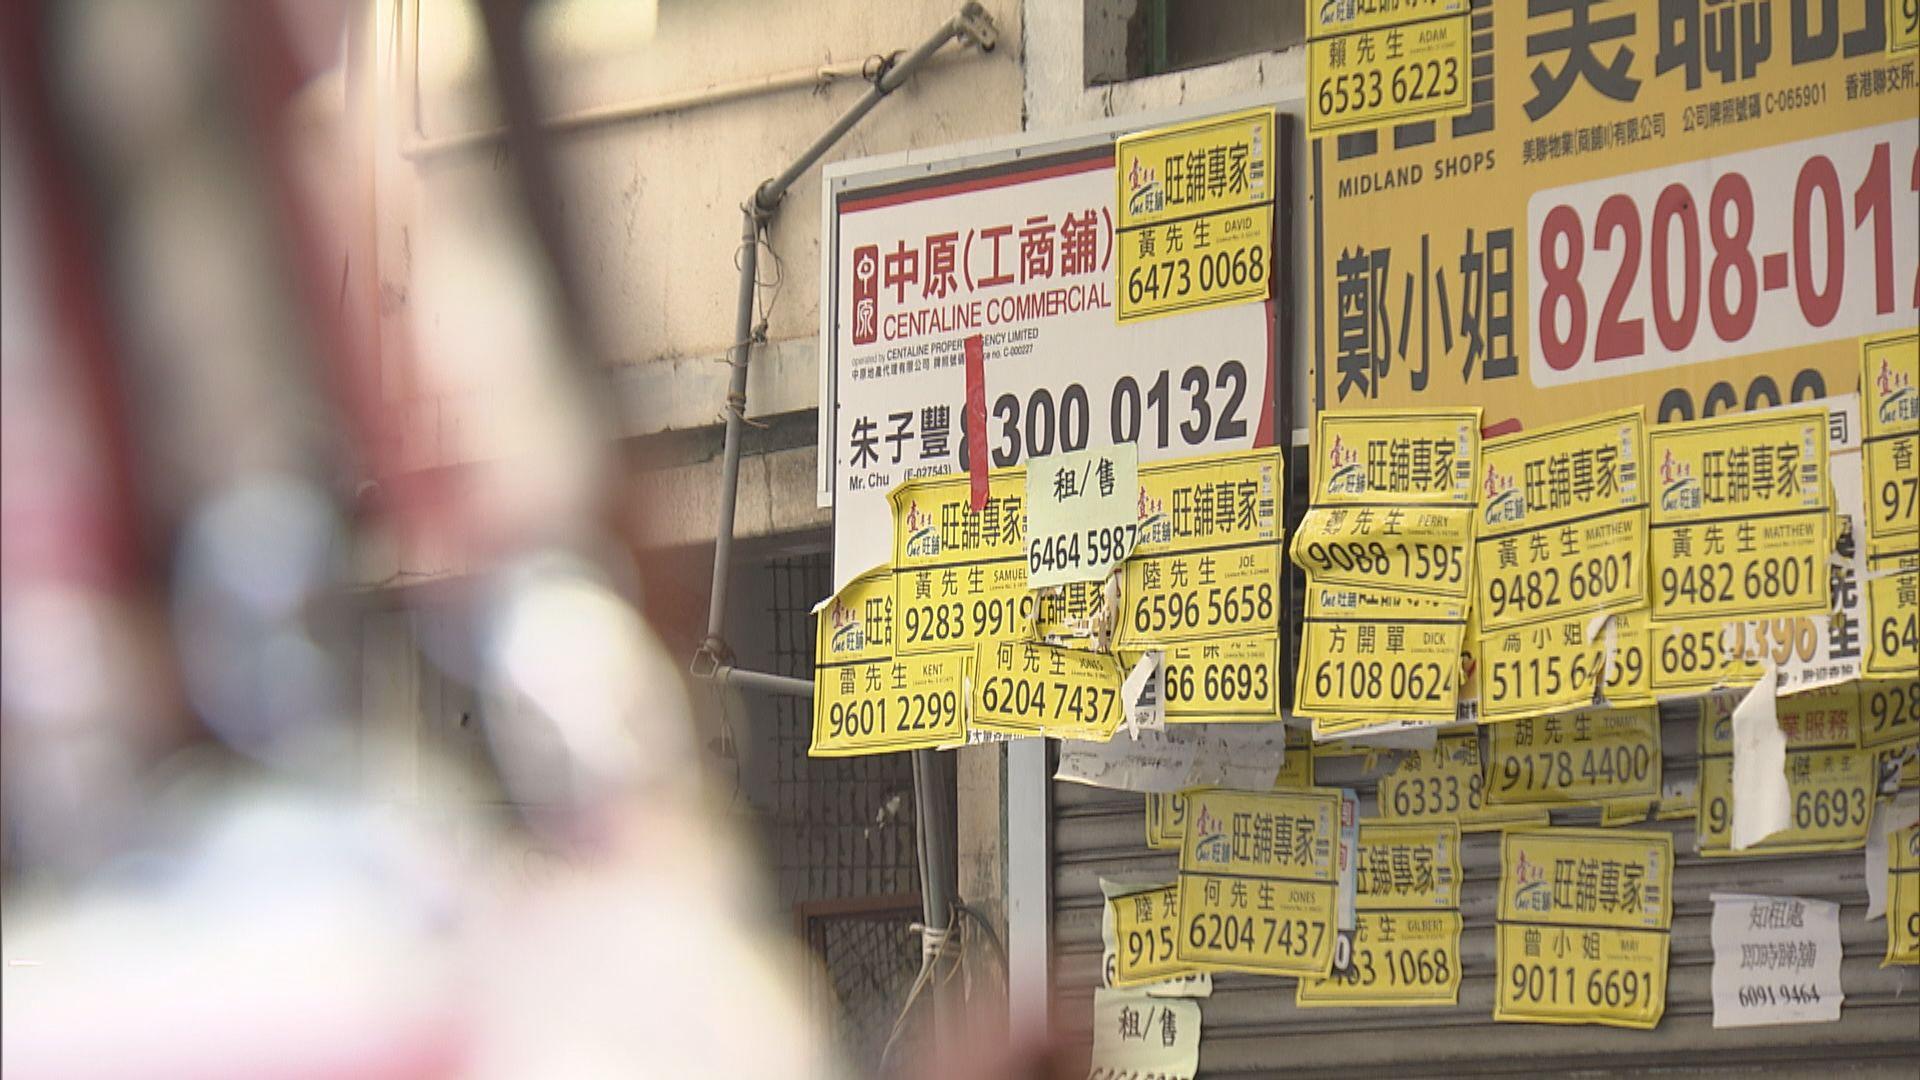 十月零售銷售跌幅收窄 政府:疫情或令經營環境再轉差